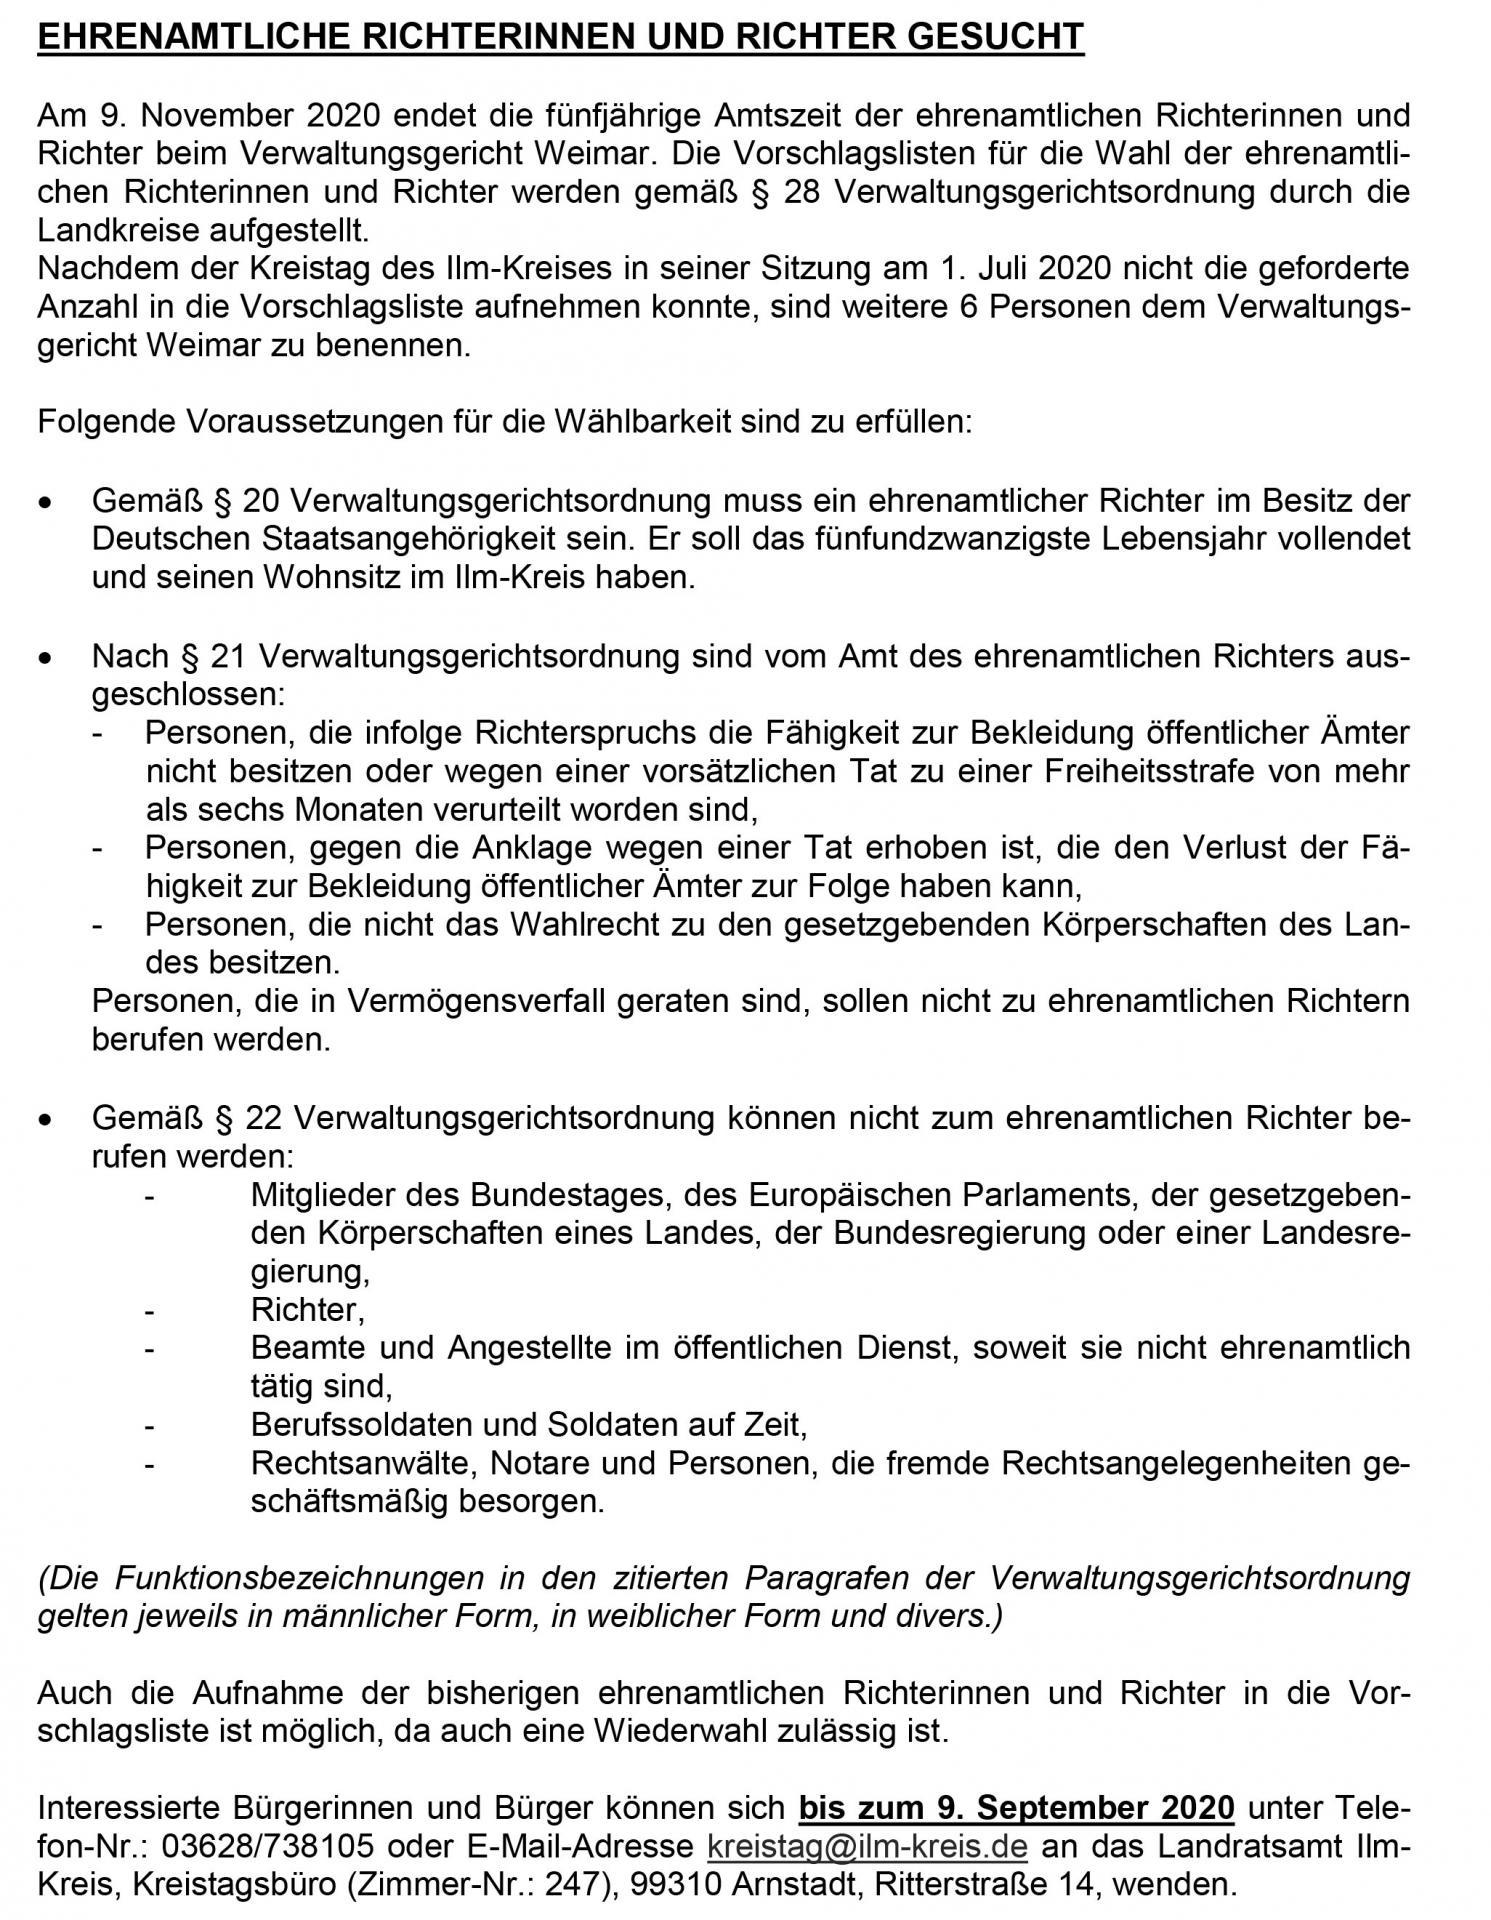 Ehrenamtliche Richter für das Verwaltungsgericht Weimar